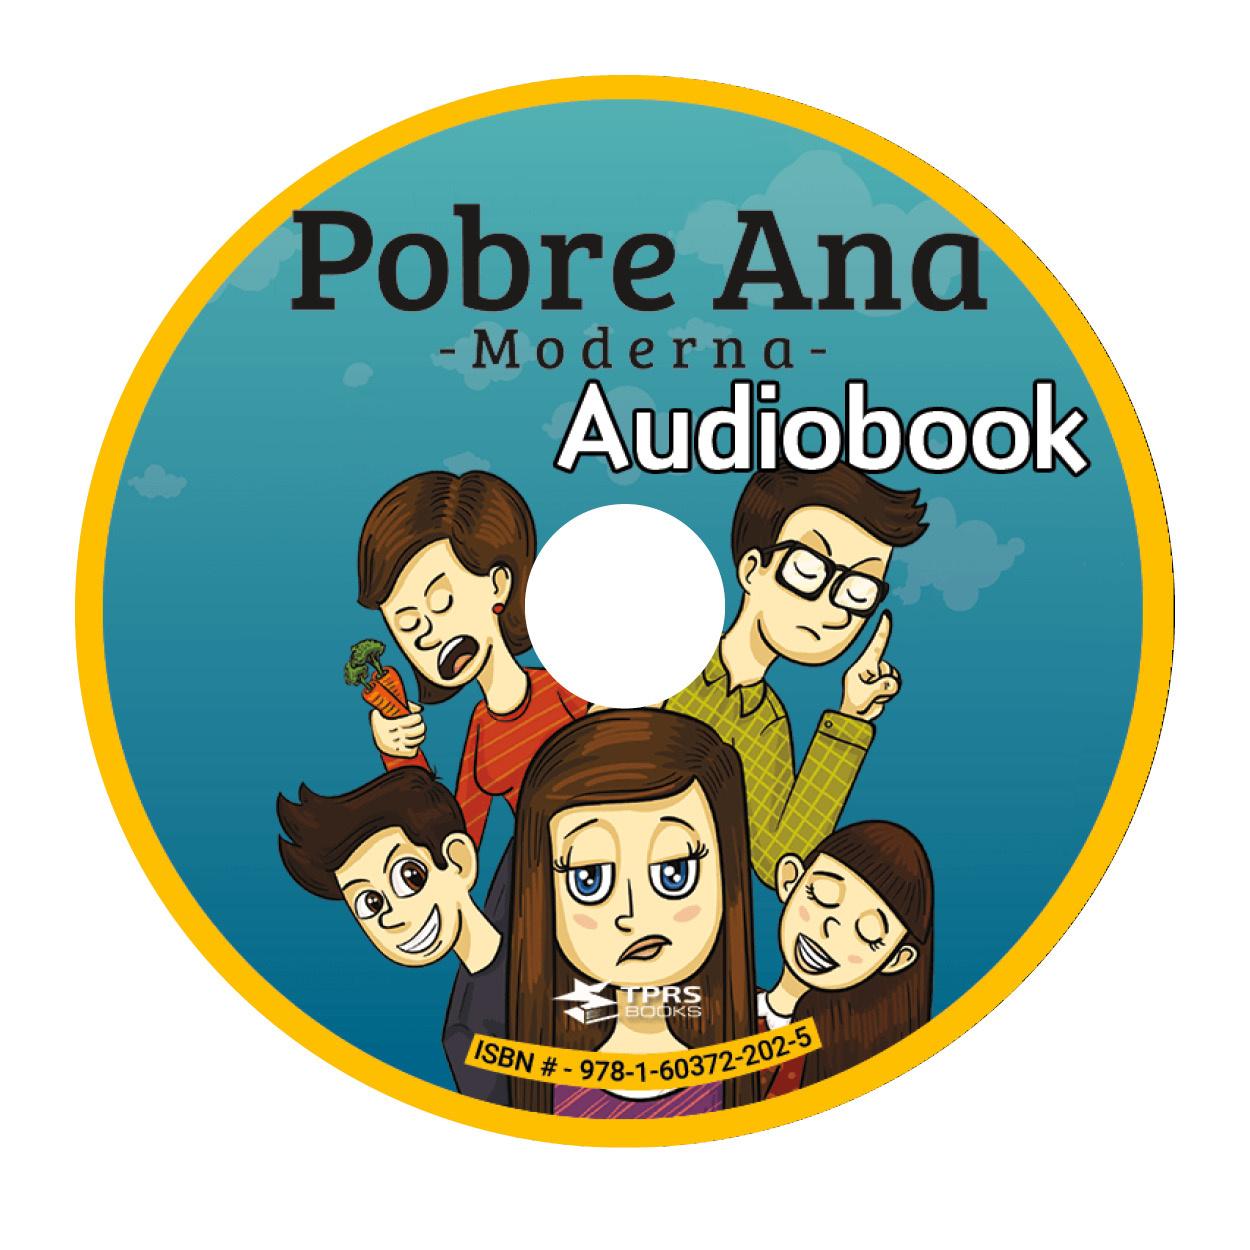 Pobre Ana moderna - Luisterboek